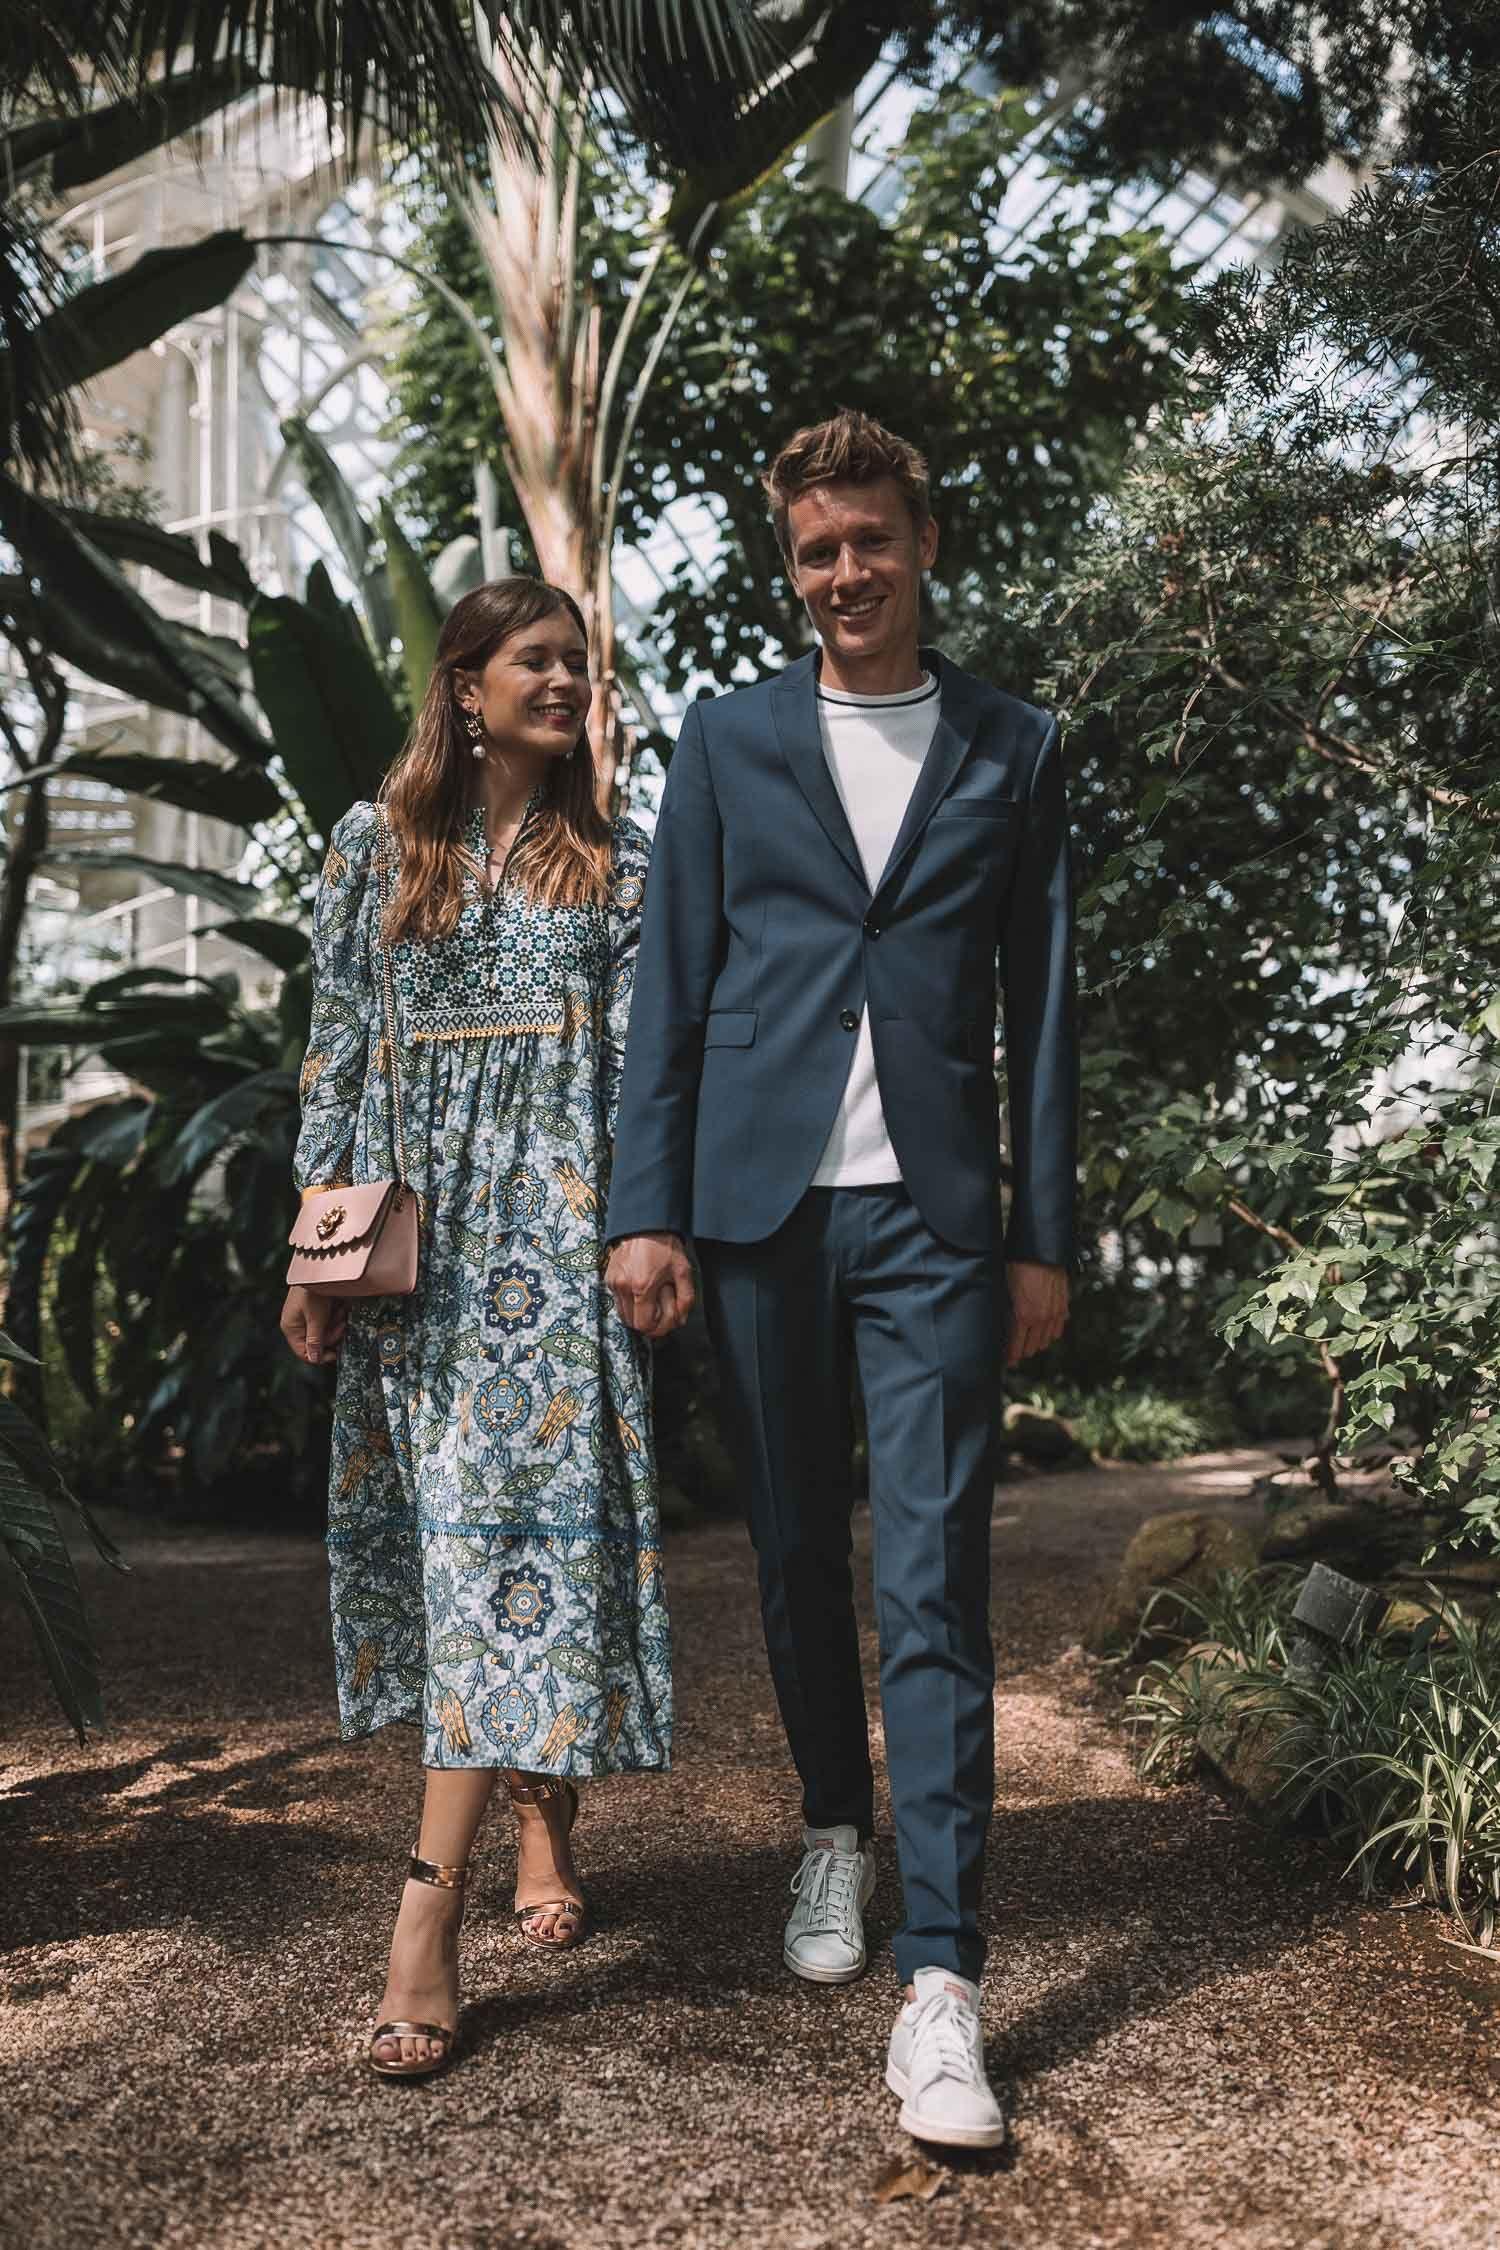 e7f6ad852a9e34 Outfit-Ideen für eine Sommerparty - Couple Look mit Weekend Max Mara Kleid  und dunkelblauem